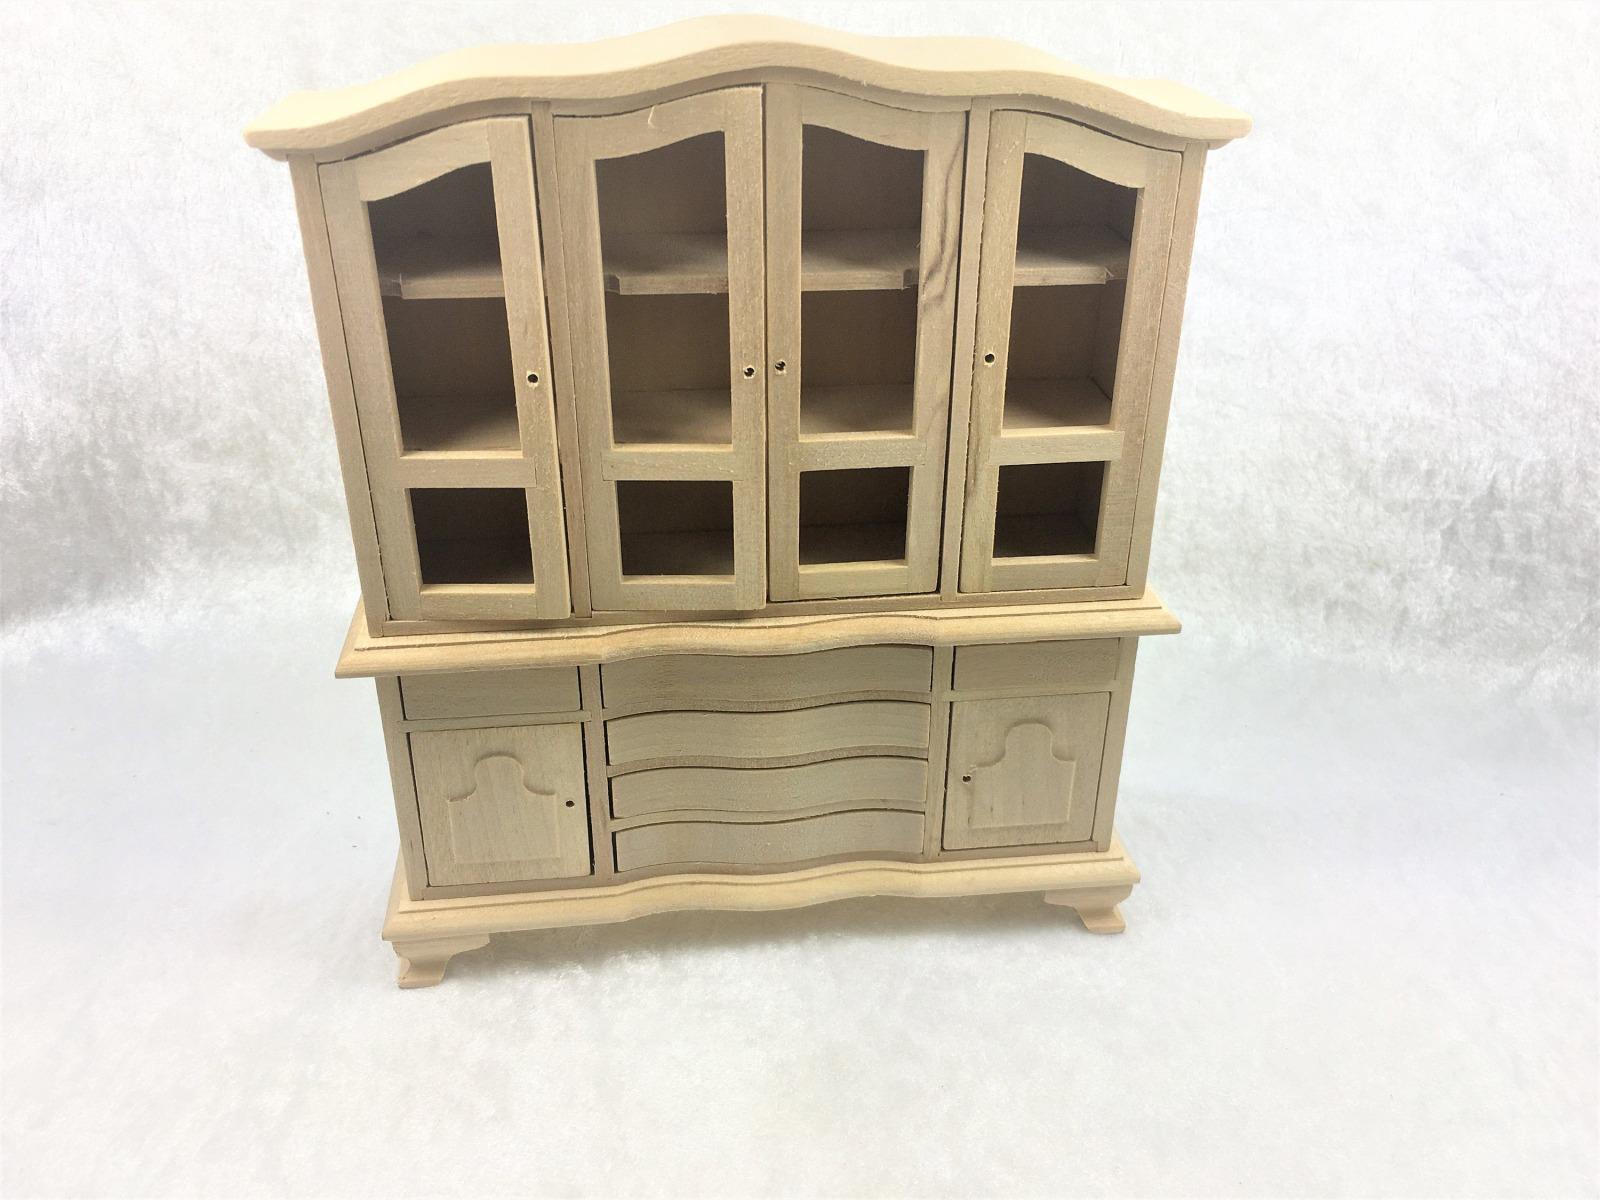 Wohnzimmerbüffett für die Puppenstube das Puppenhaus